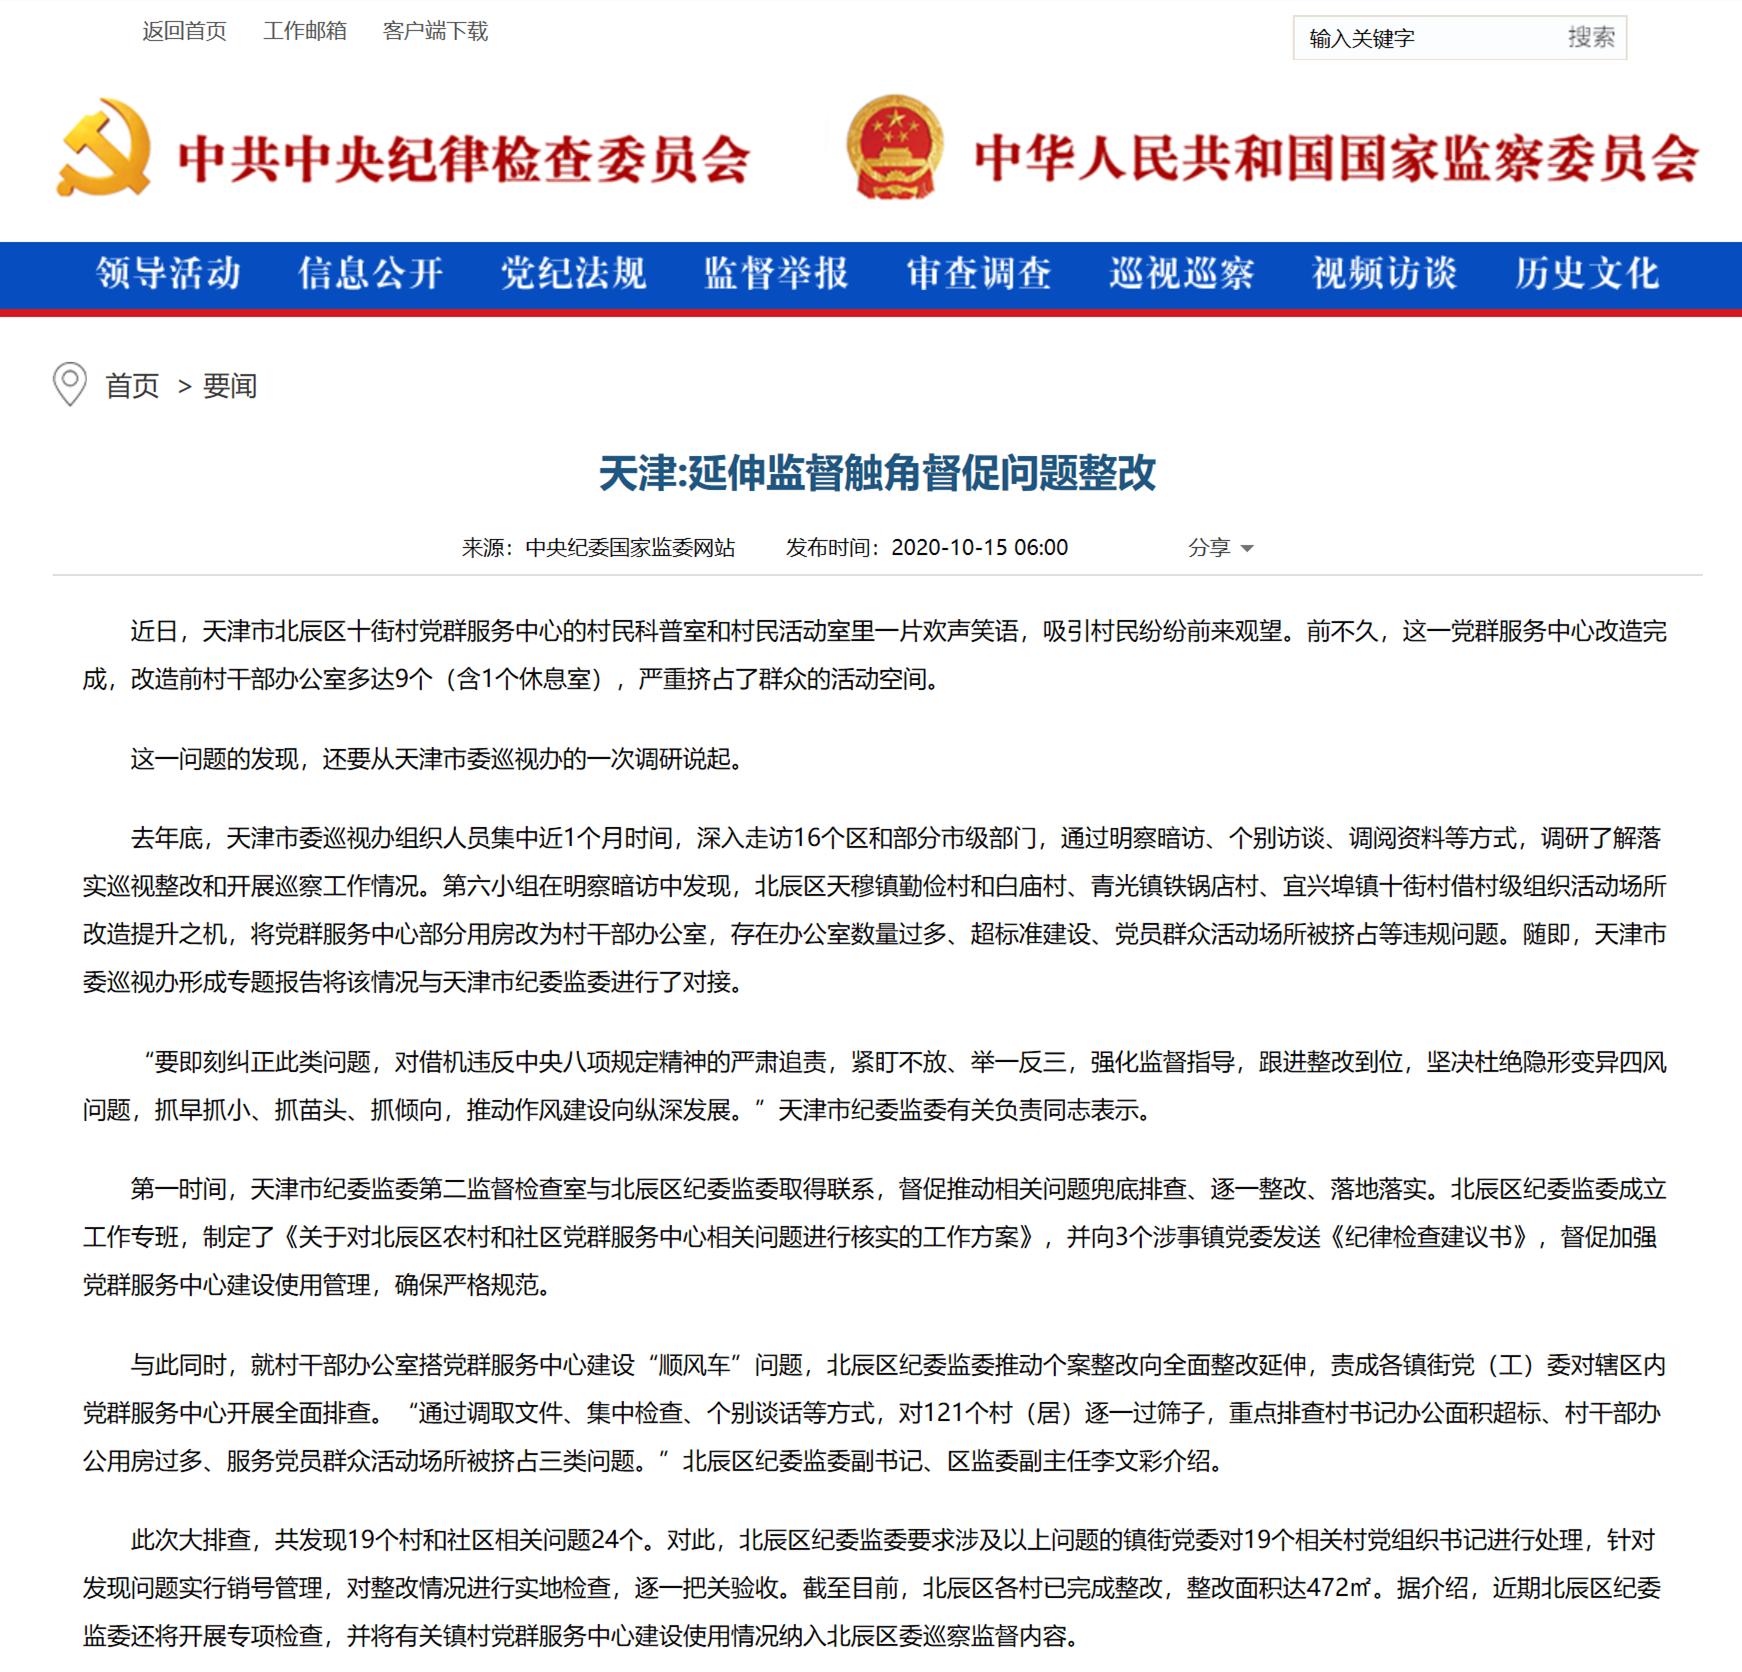 天津:延伸监督触角督促问题整改